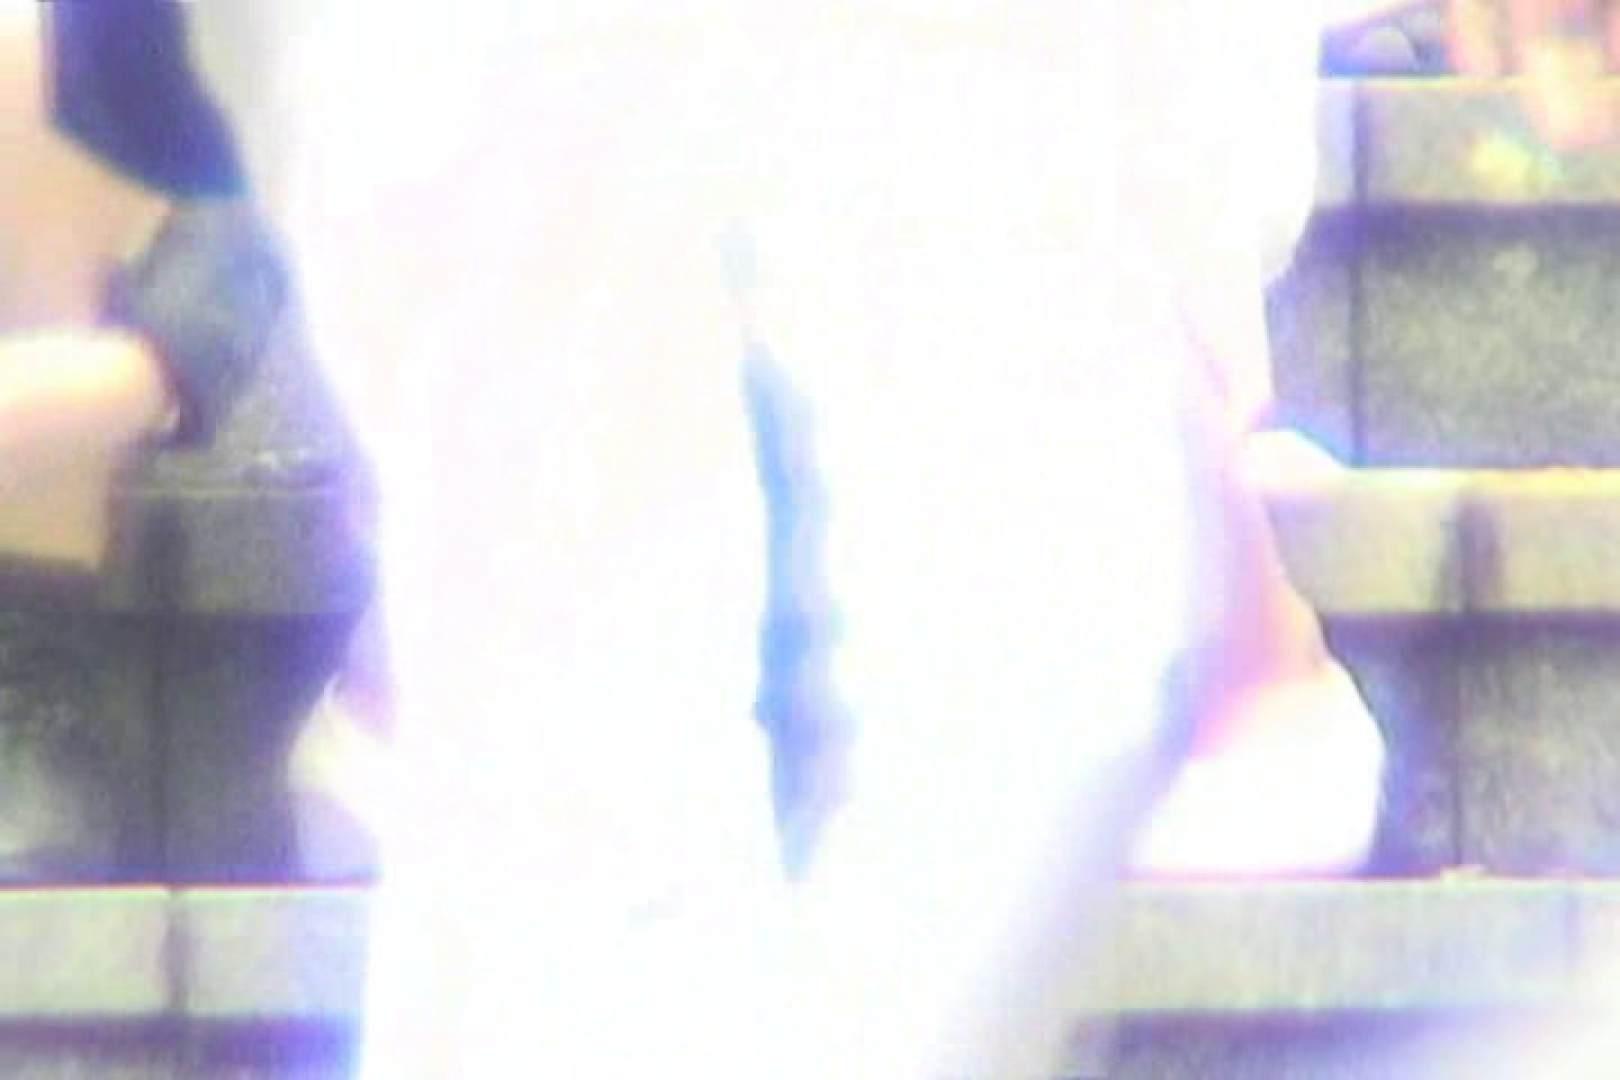 超最新版!春夏秋冬 vol.04 OLのエロ生活 われめAV動画紹介 87連発 68